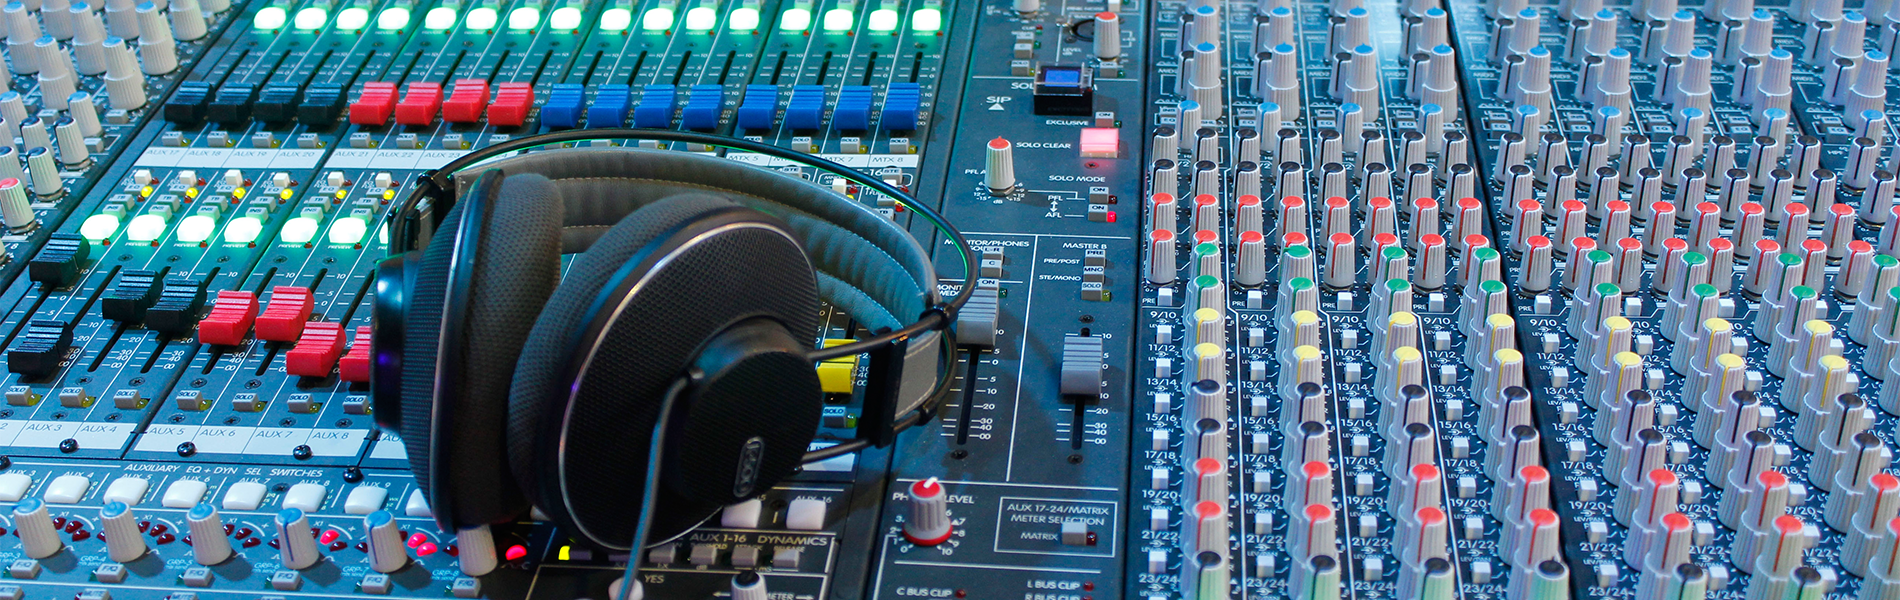 Audio y Sonorización, Video e Iluminación y Circuito Cerrado